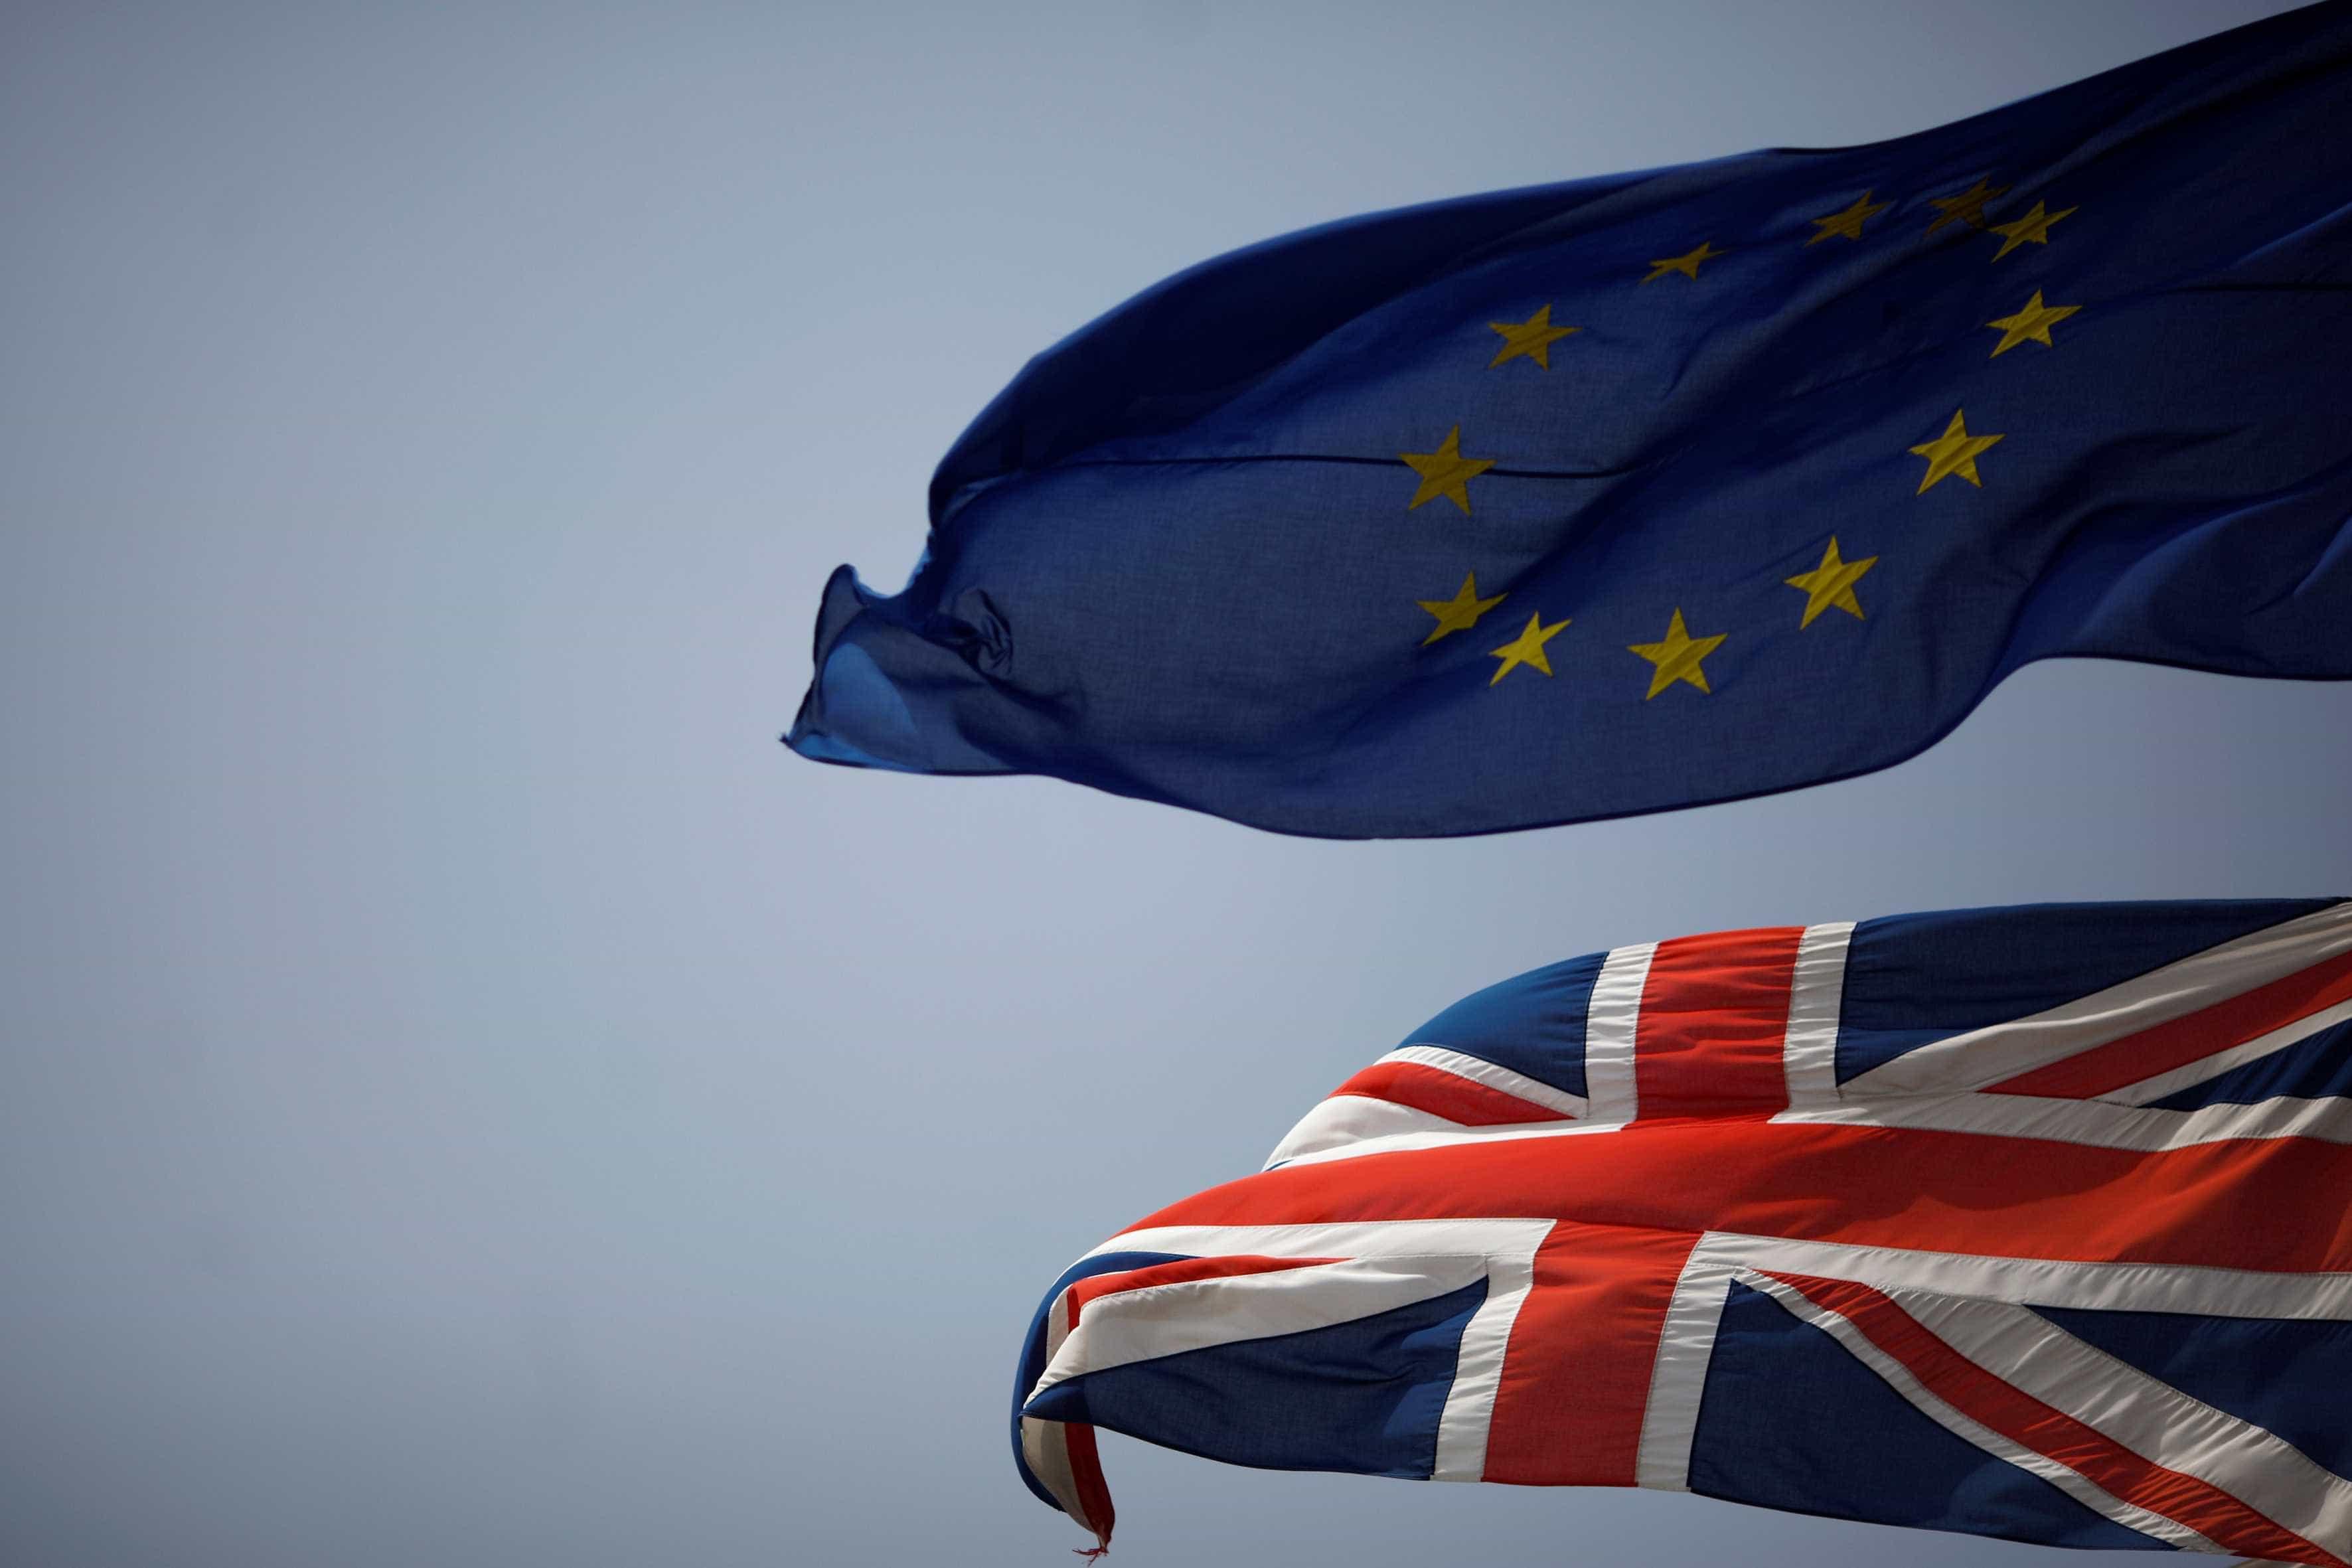 Reino Unido: Eleições serão teste para partidos Conservador e Trabalhista